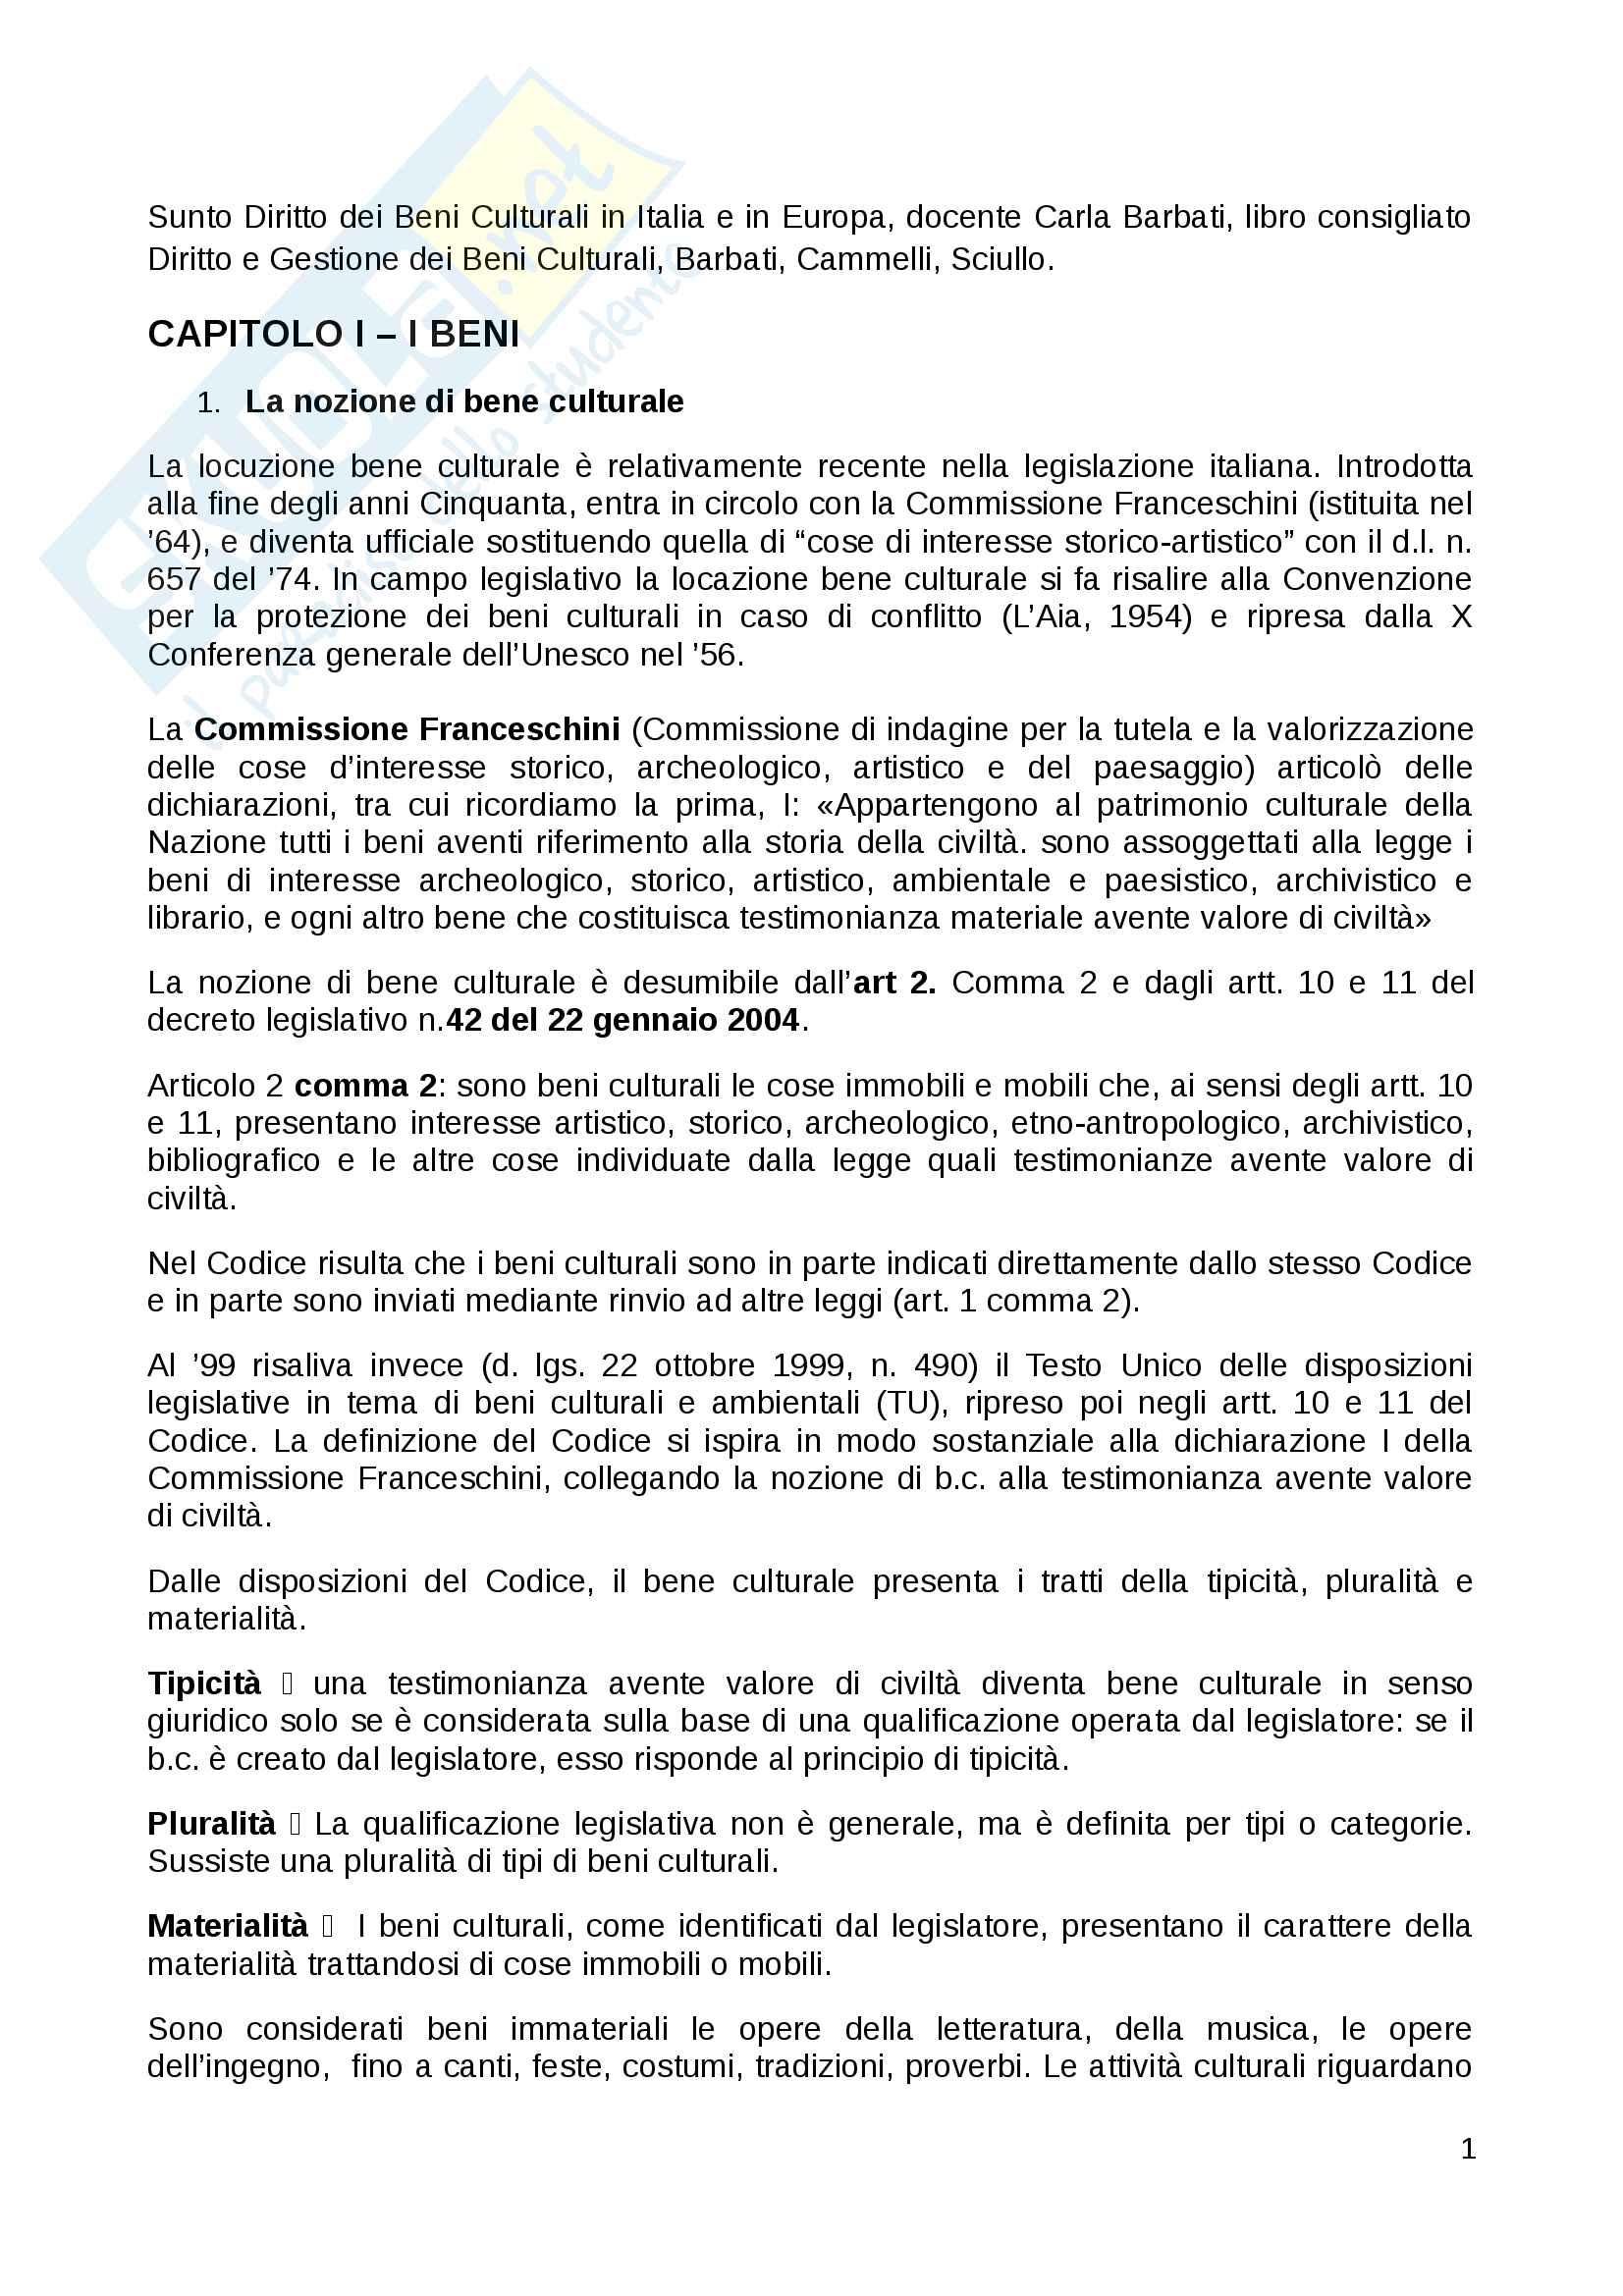 Riassunto esame Diritto dei Beni Culturali in Italia e in Europa docente Carla Barbati libro consigliato Diritto e Gestione dei Beni Culturali Barbati Cammelli Sciullo